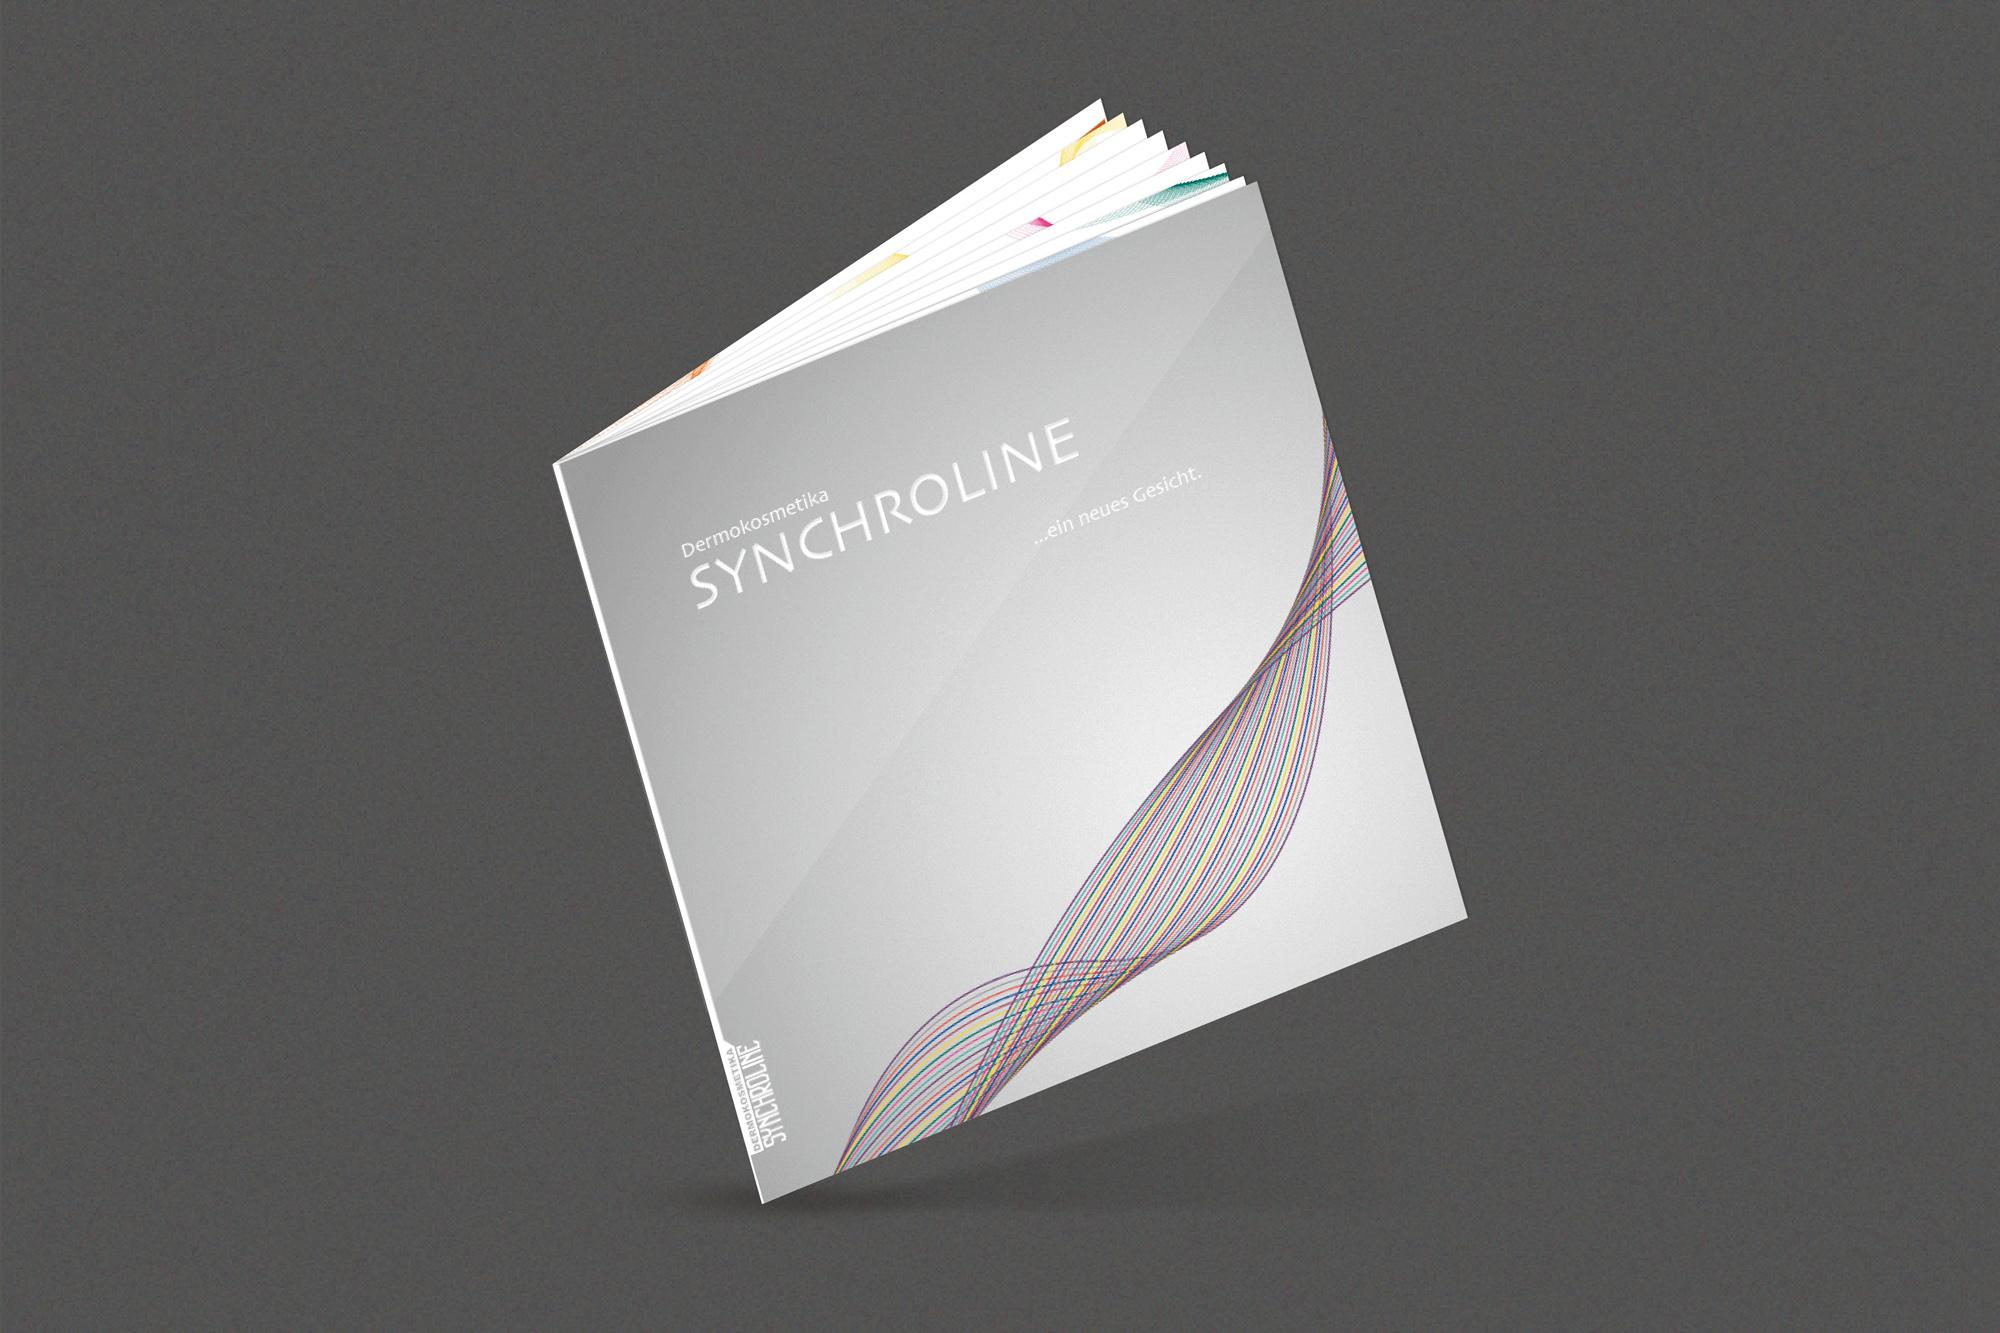 Dermokosmetika Synchroline Produktkatalog